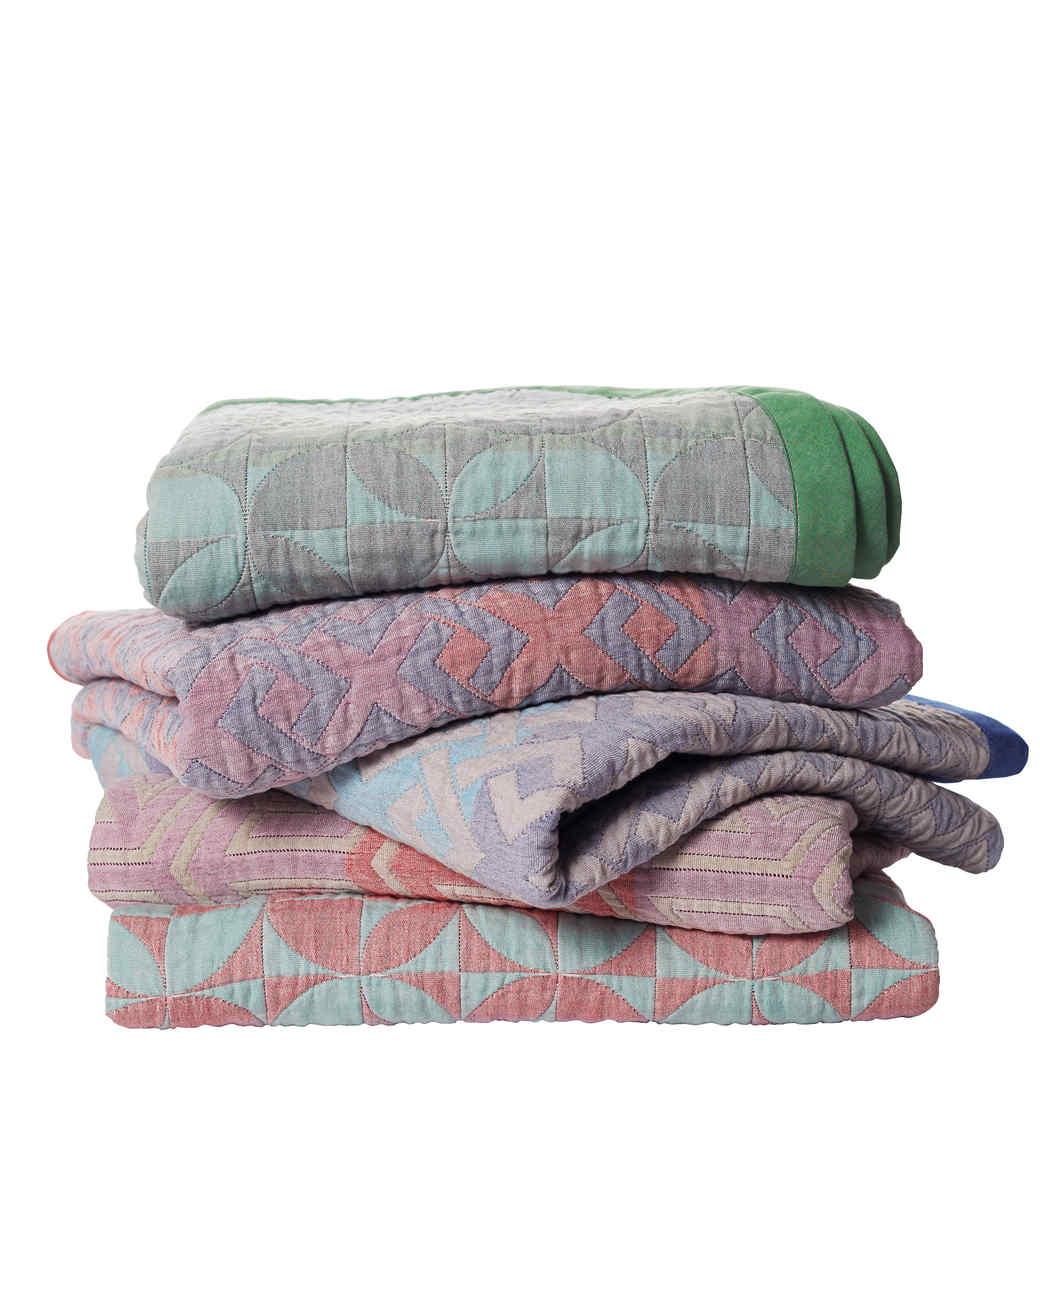 oriole-mill-baby-blankets-142-d111535.jpg